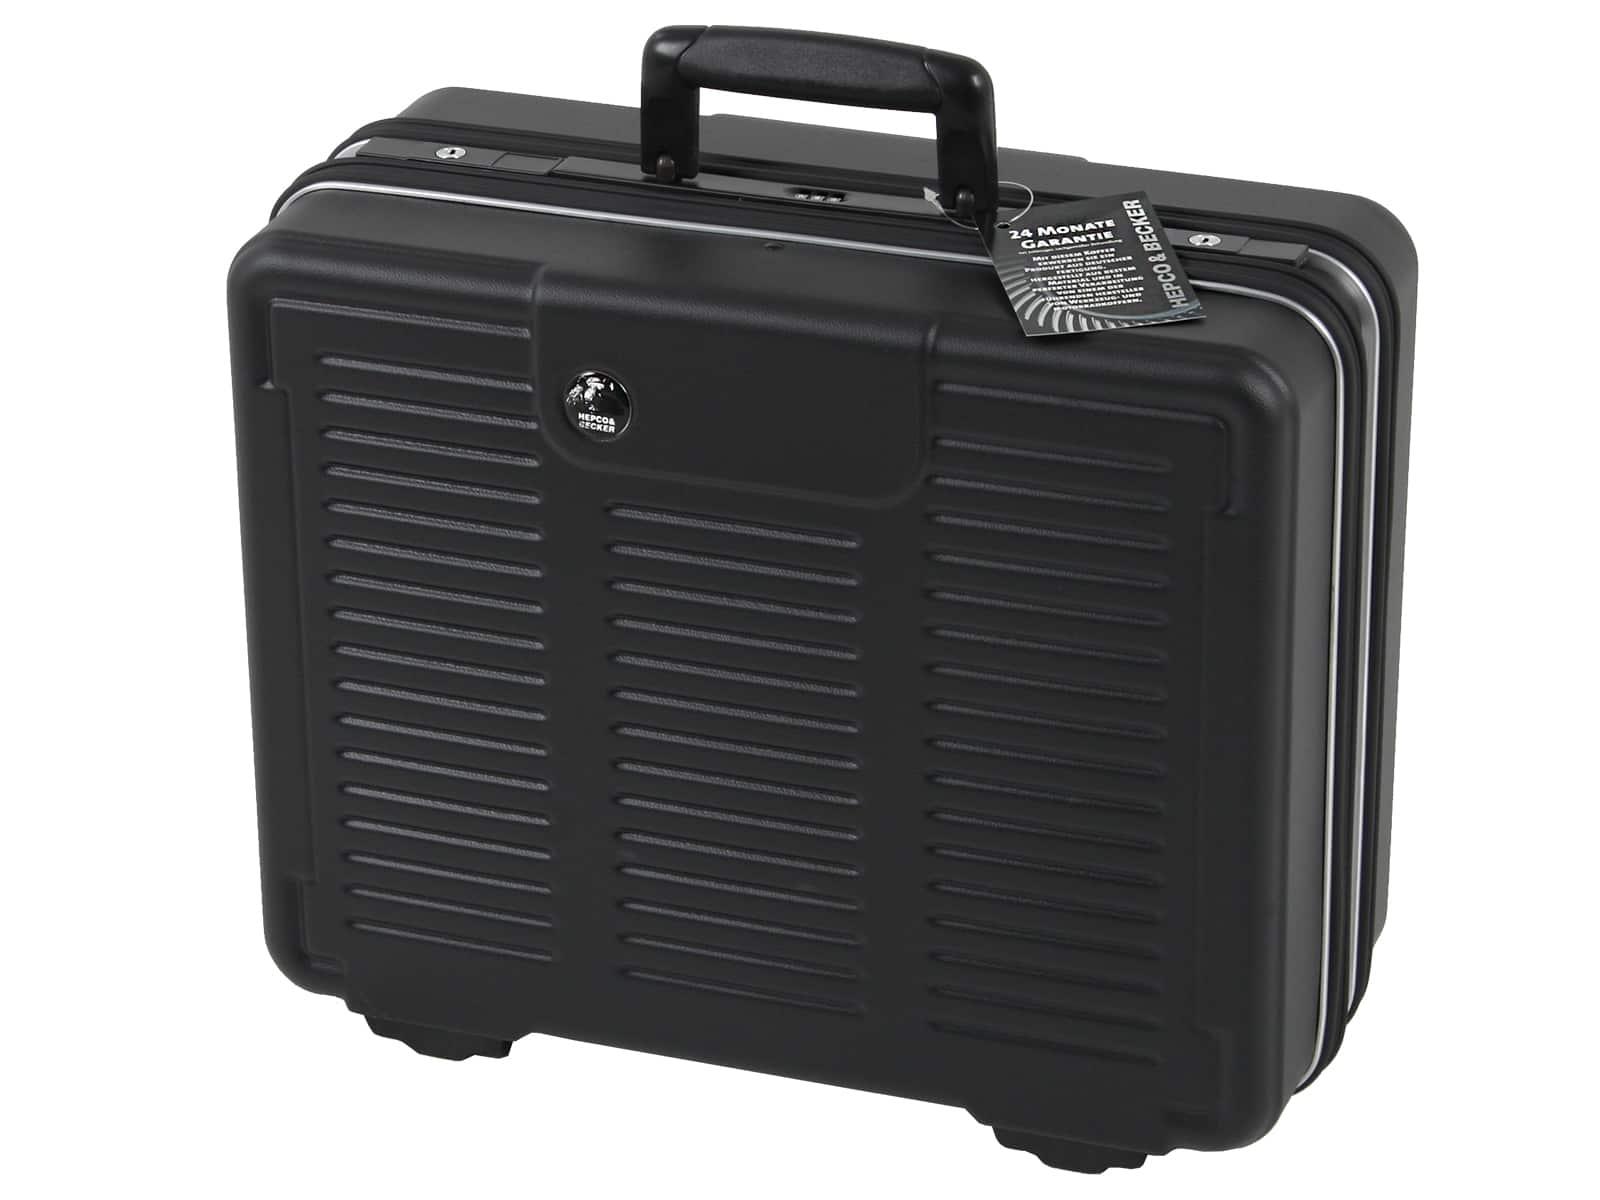 Werkzeugkoffer Future 5312 ABS Pro 34 ltr. Leerkoffer XL